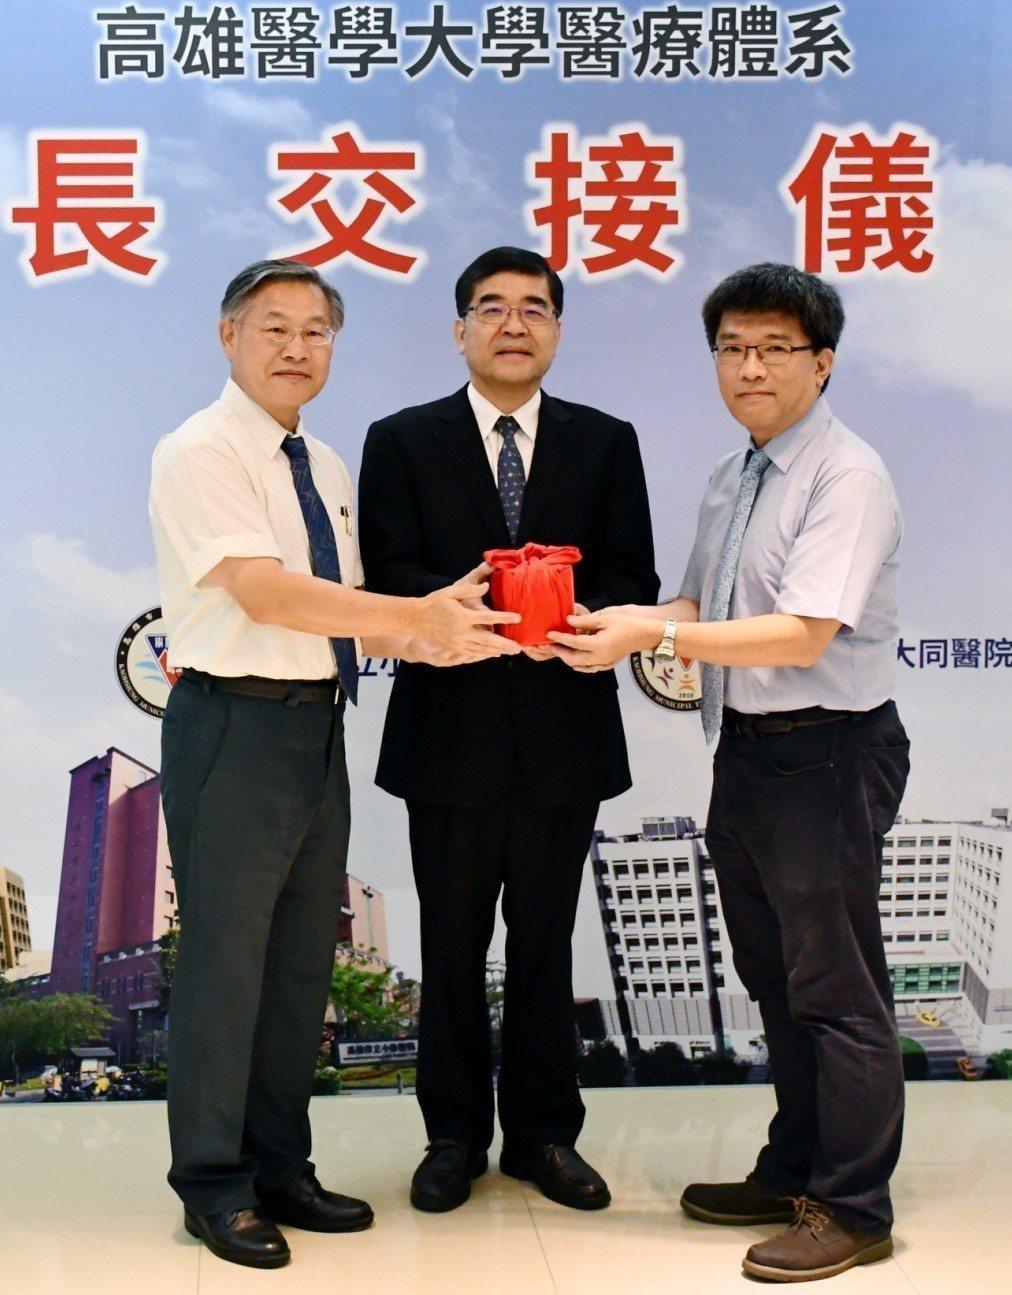 旗津醫院代理院長蔡忠榮(右)是胸腔內科副教授,曾任高醫大呼吸治療學系系主任,未來...